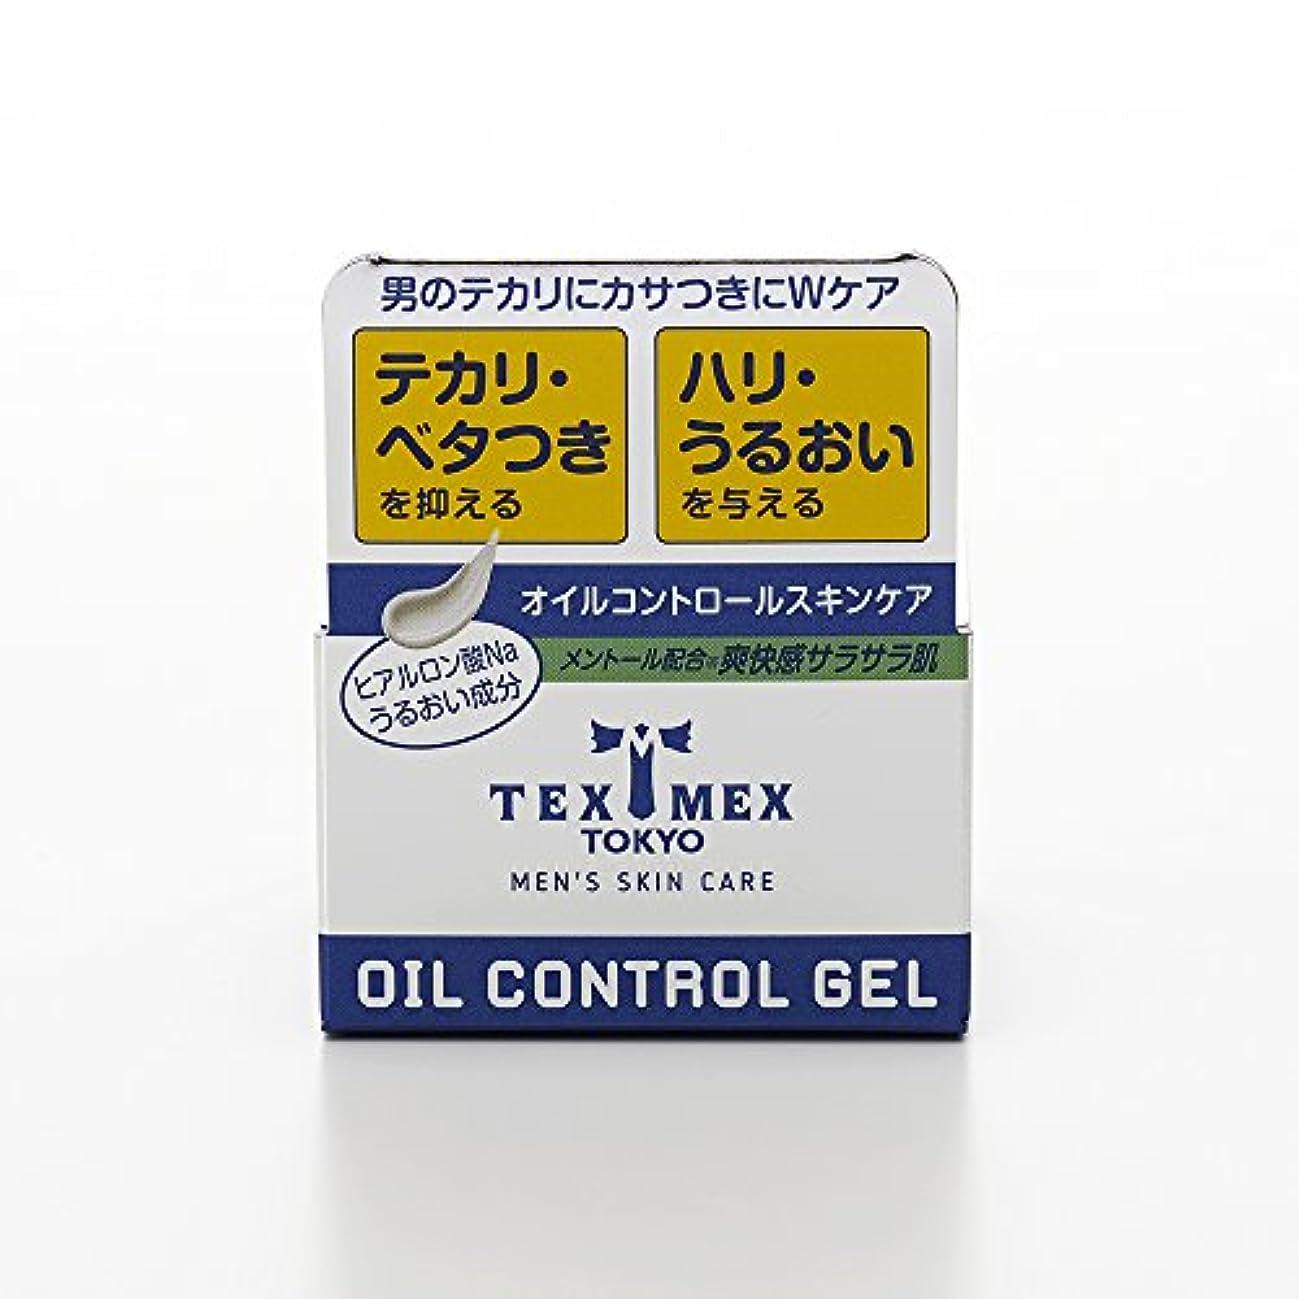 操作潤滑する識別するテックスメックス オイルコントロールジェル 24g (テカリ防止ジェル) 【塗るだけでサラサラ肌に】